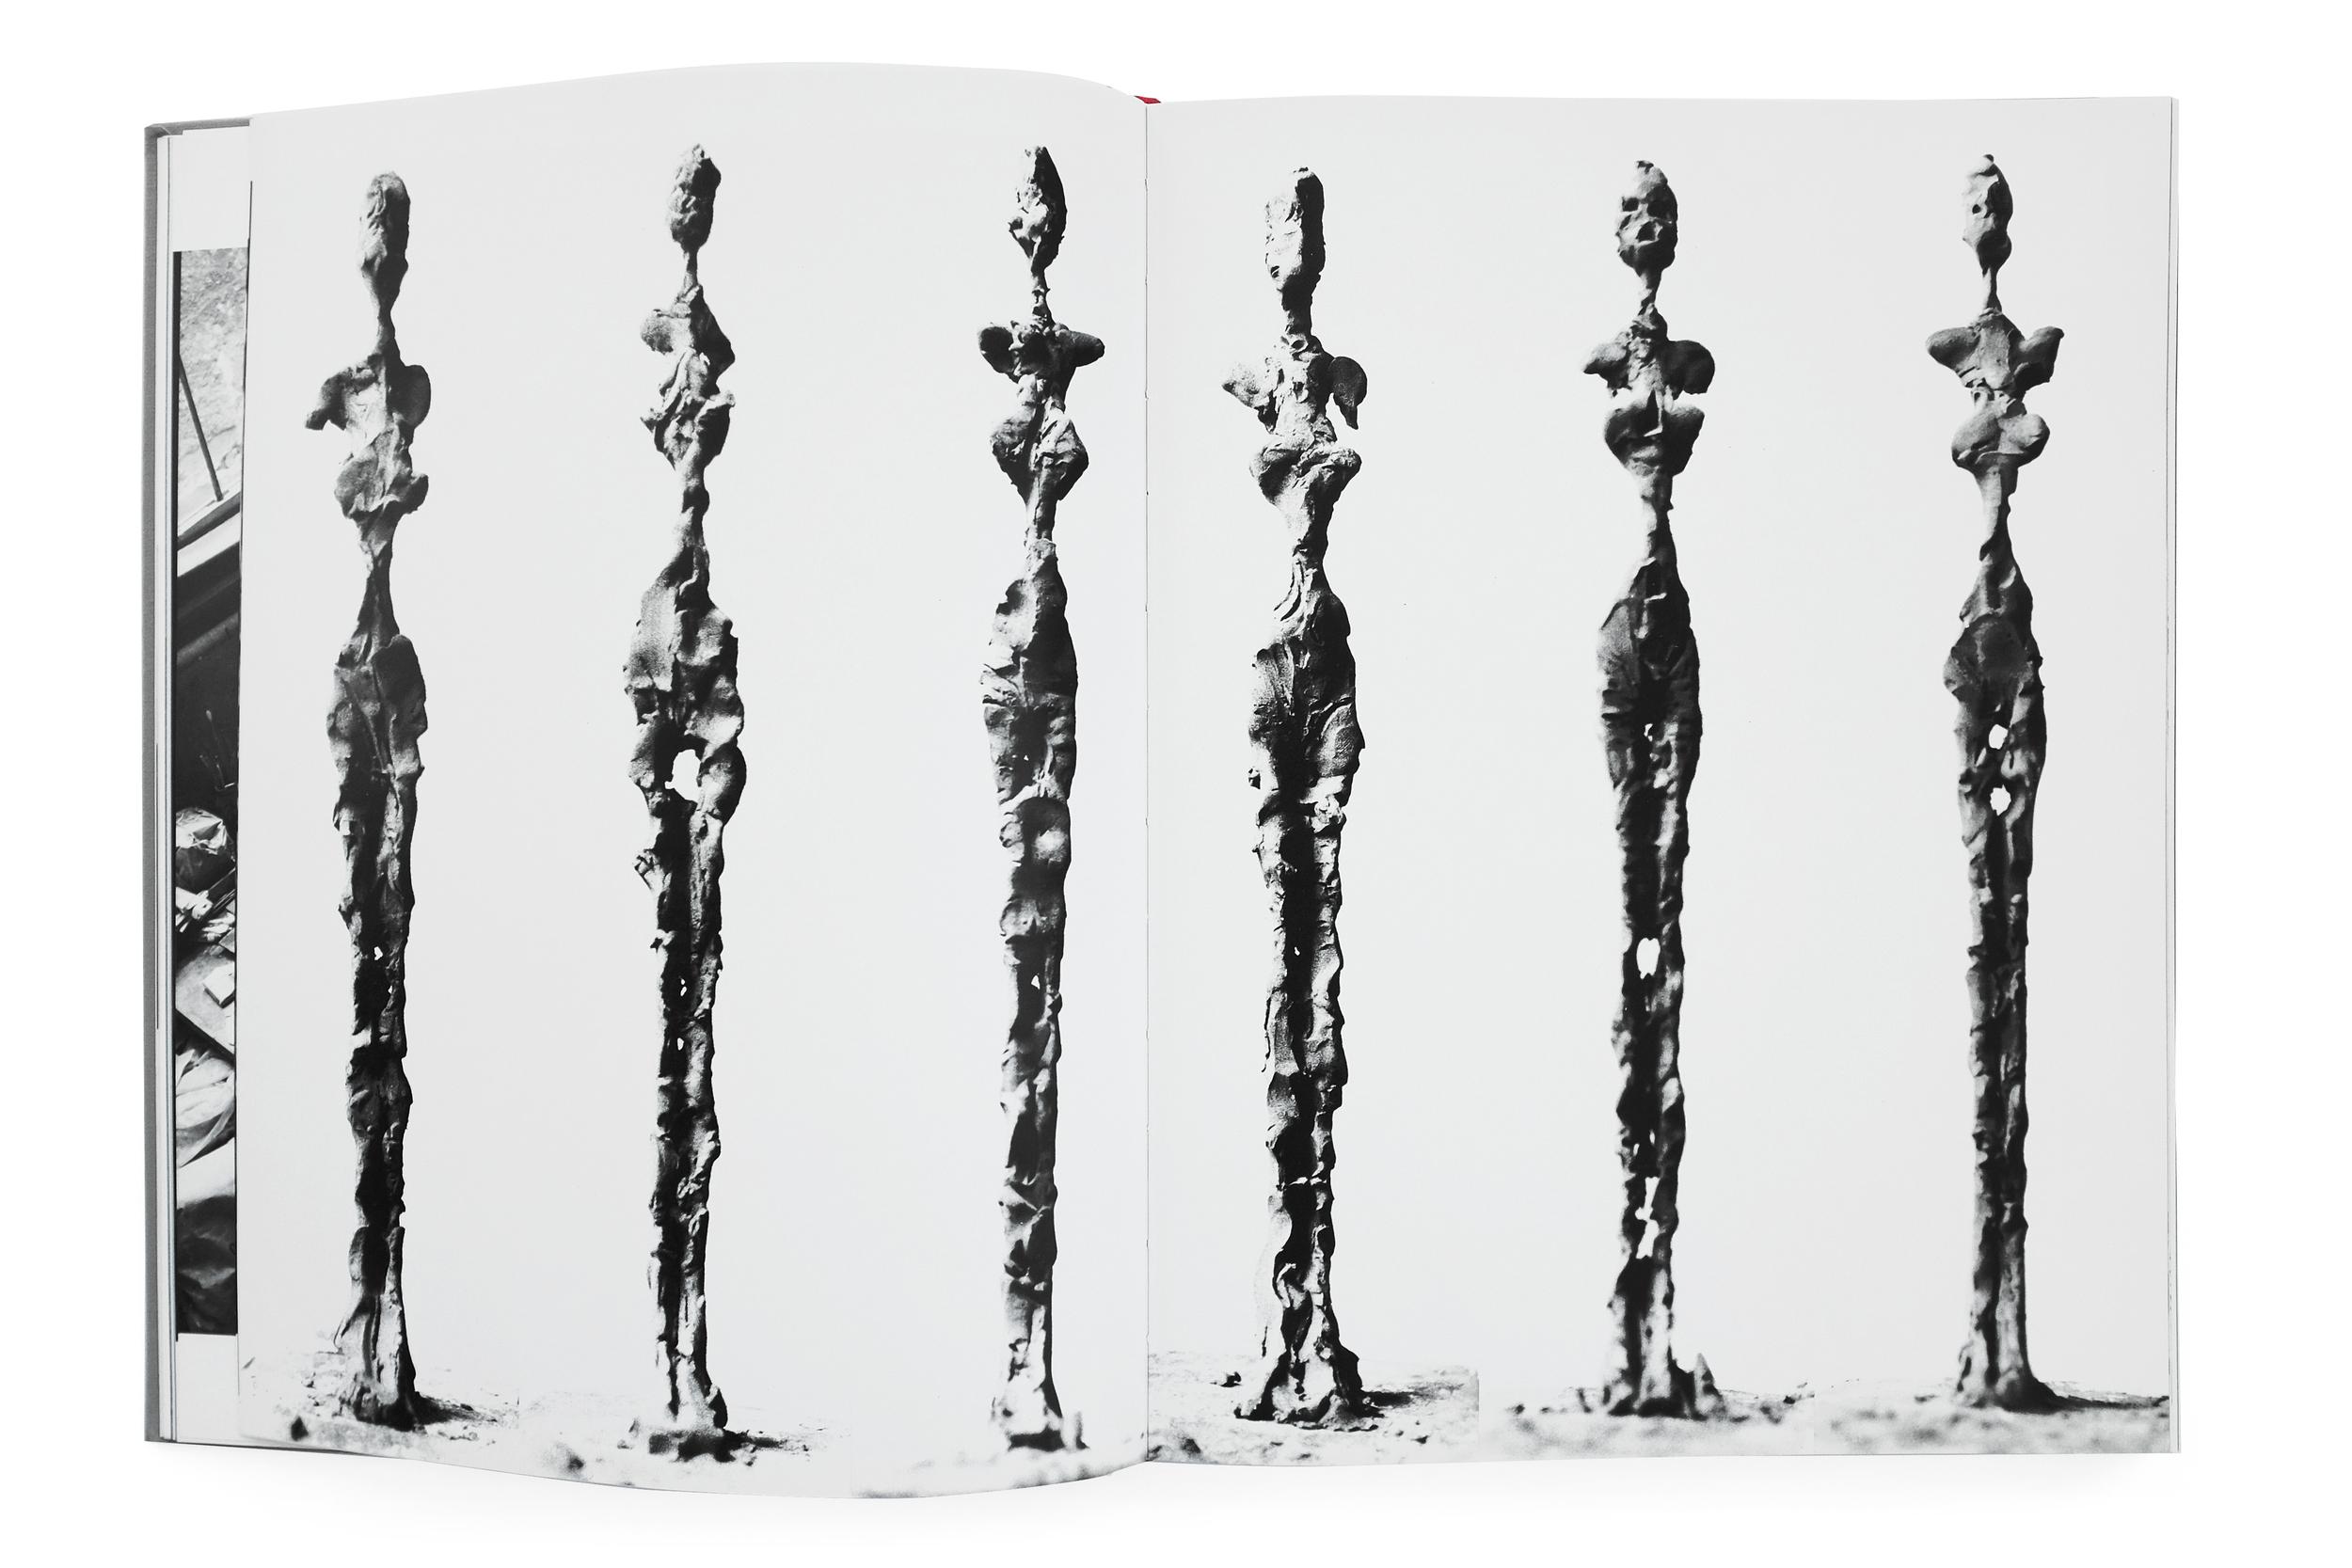 giacometti_book13.jpg